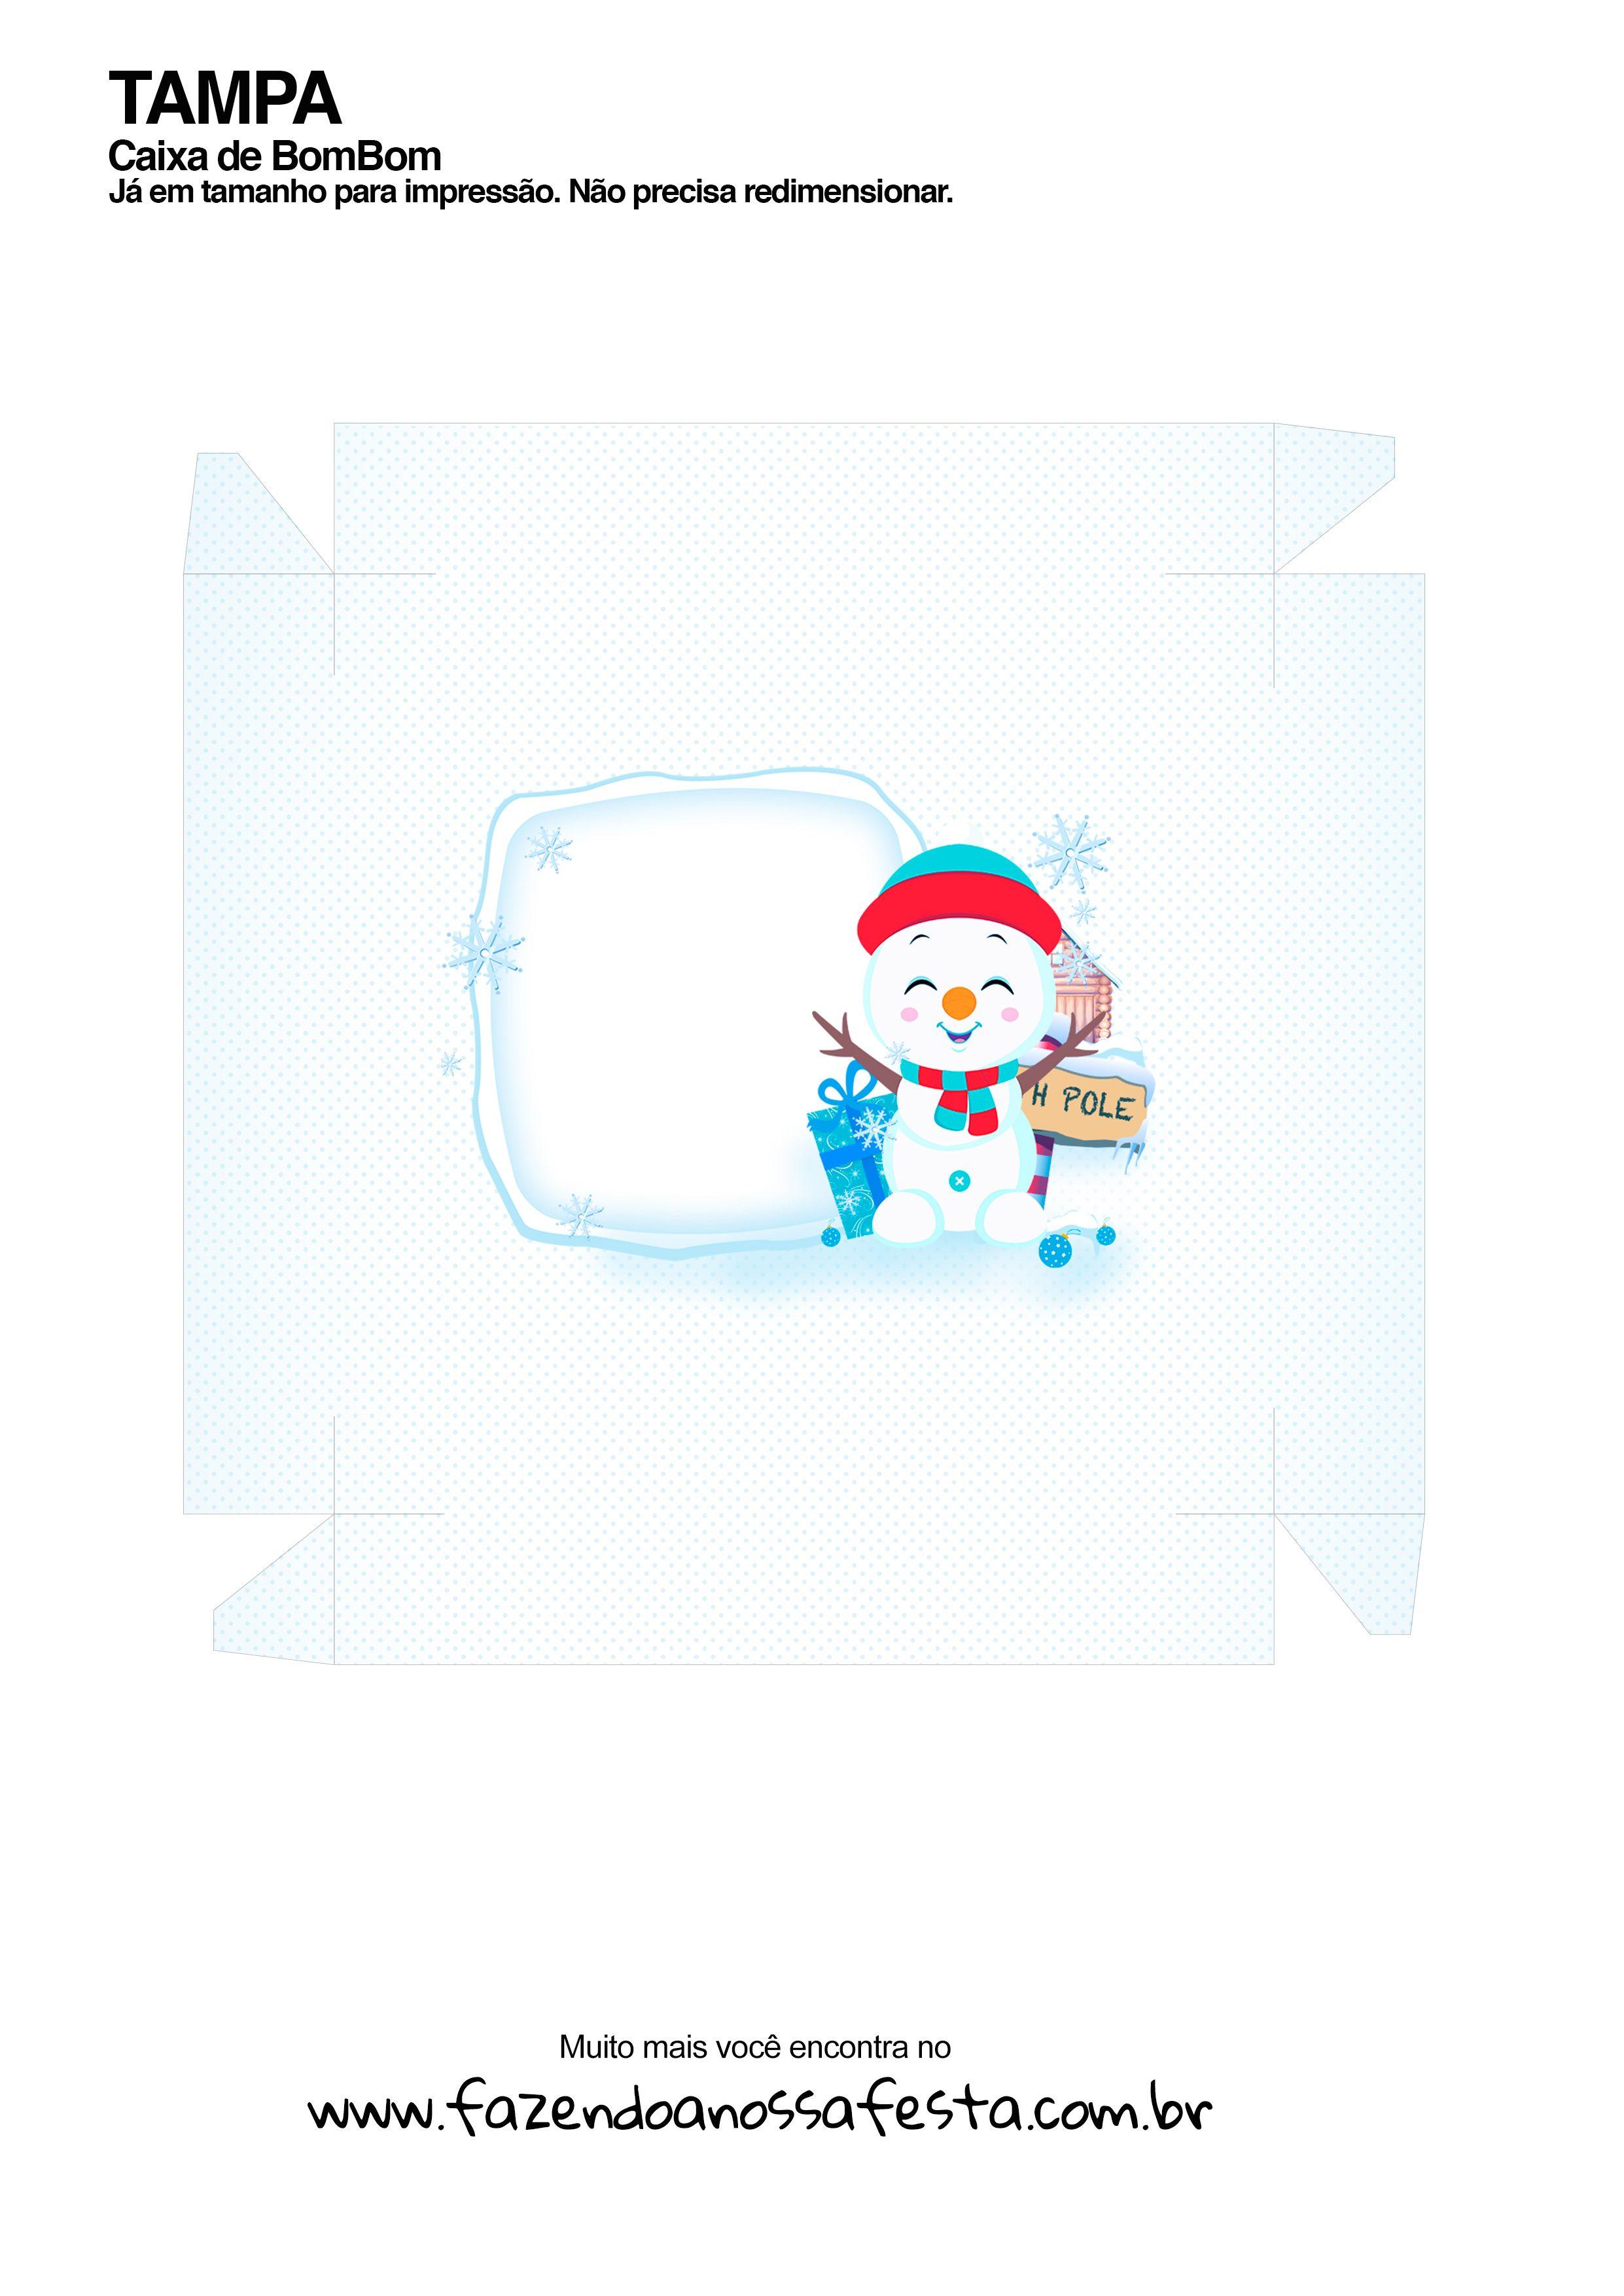 Caixa Talento Prestígio e Bis de Natal 3 - parte de fora